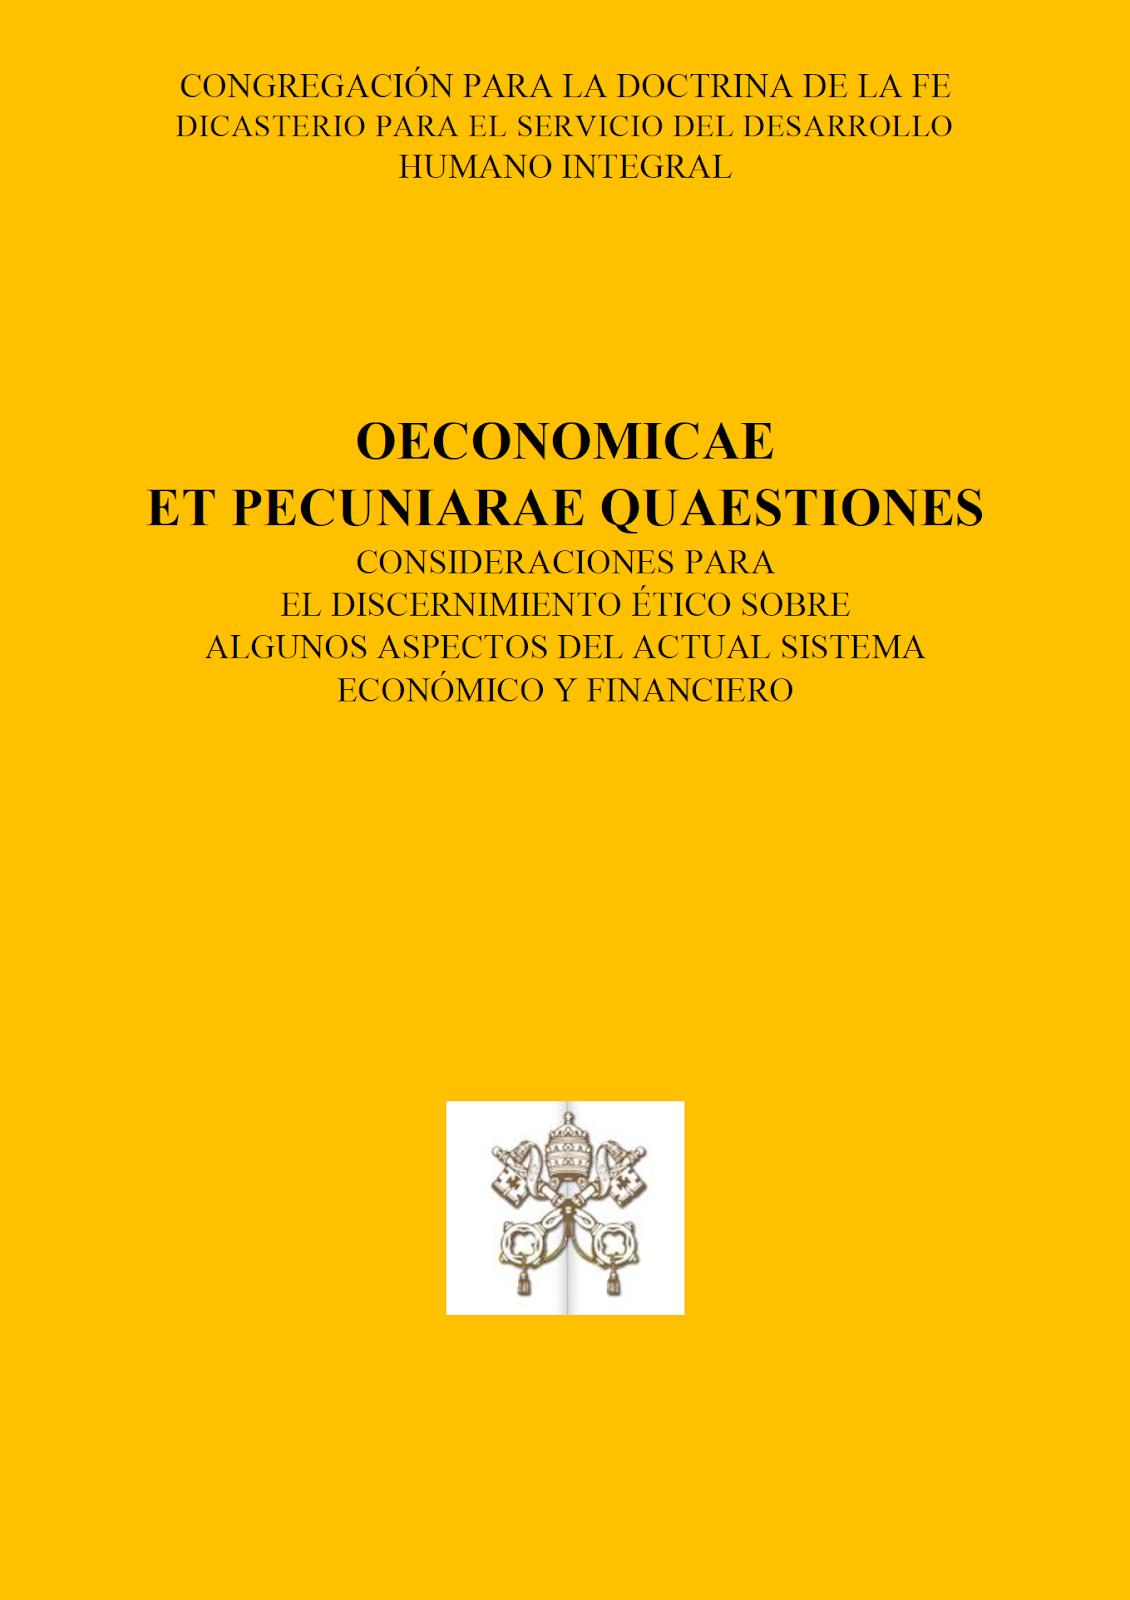 OECONOMICA ET PECUNIARAE